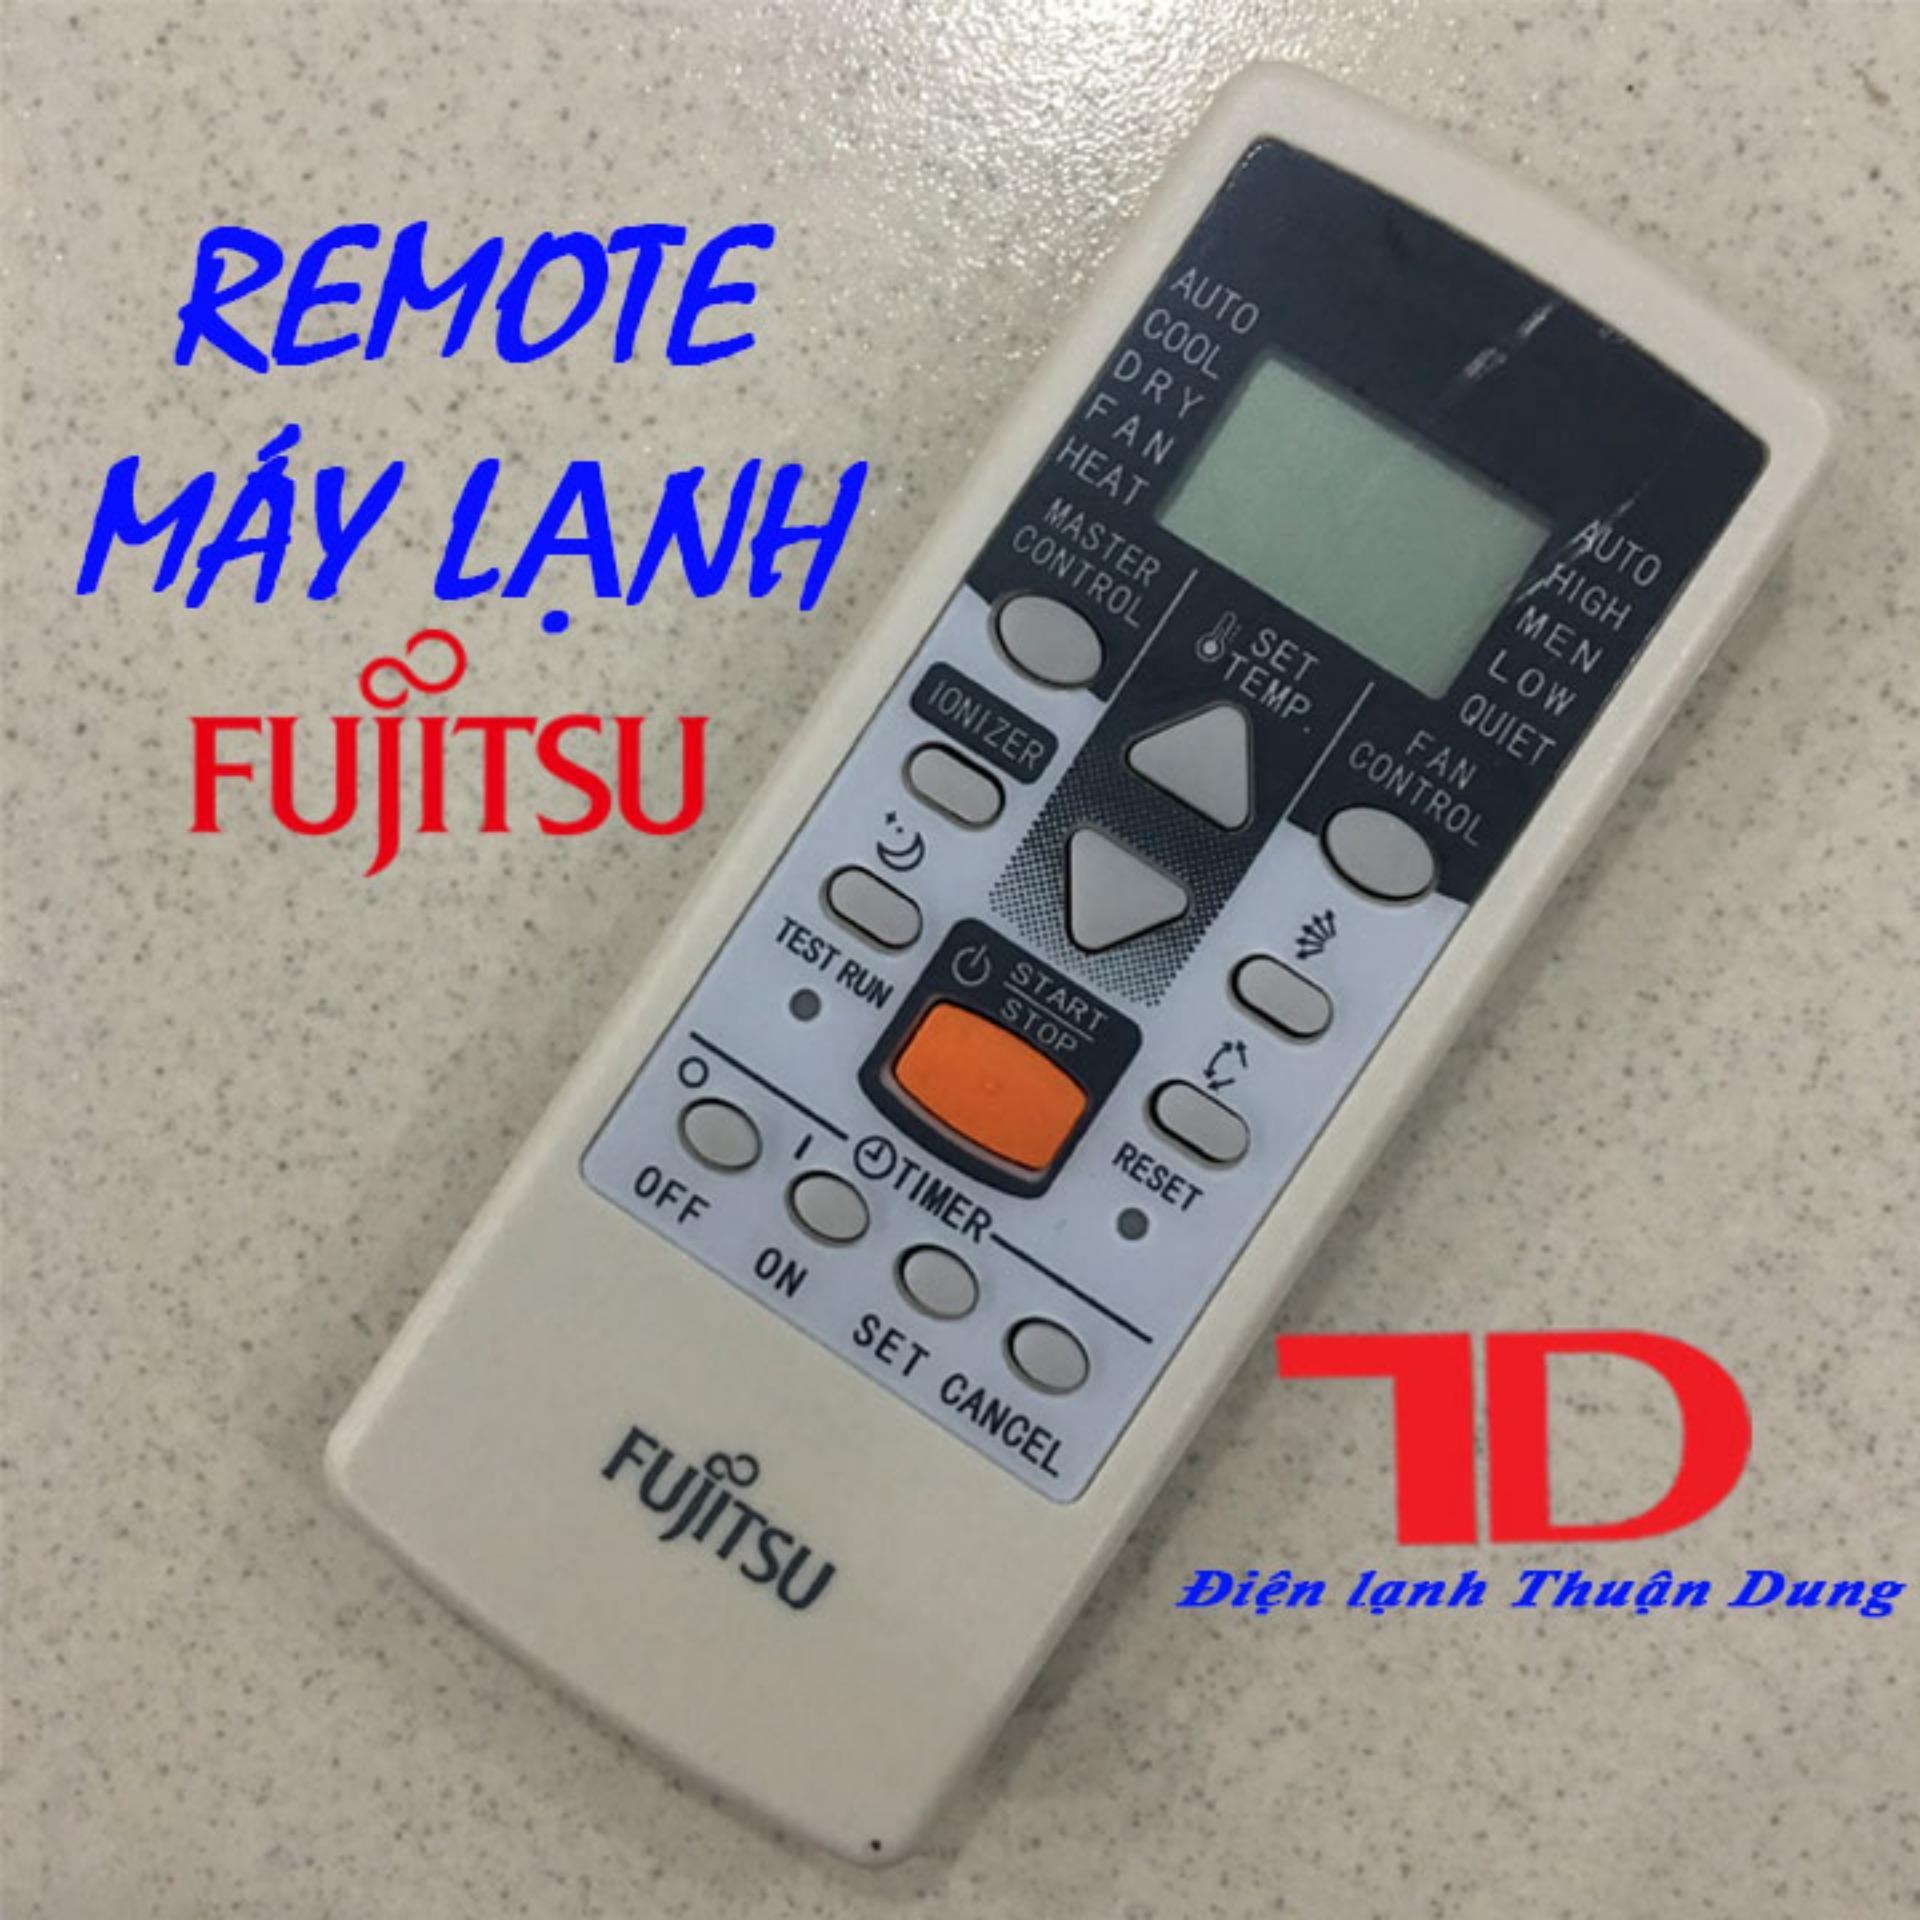 Hình ảnh Remote máy lạnh FUJITSU